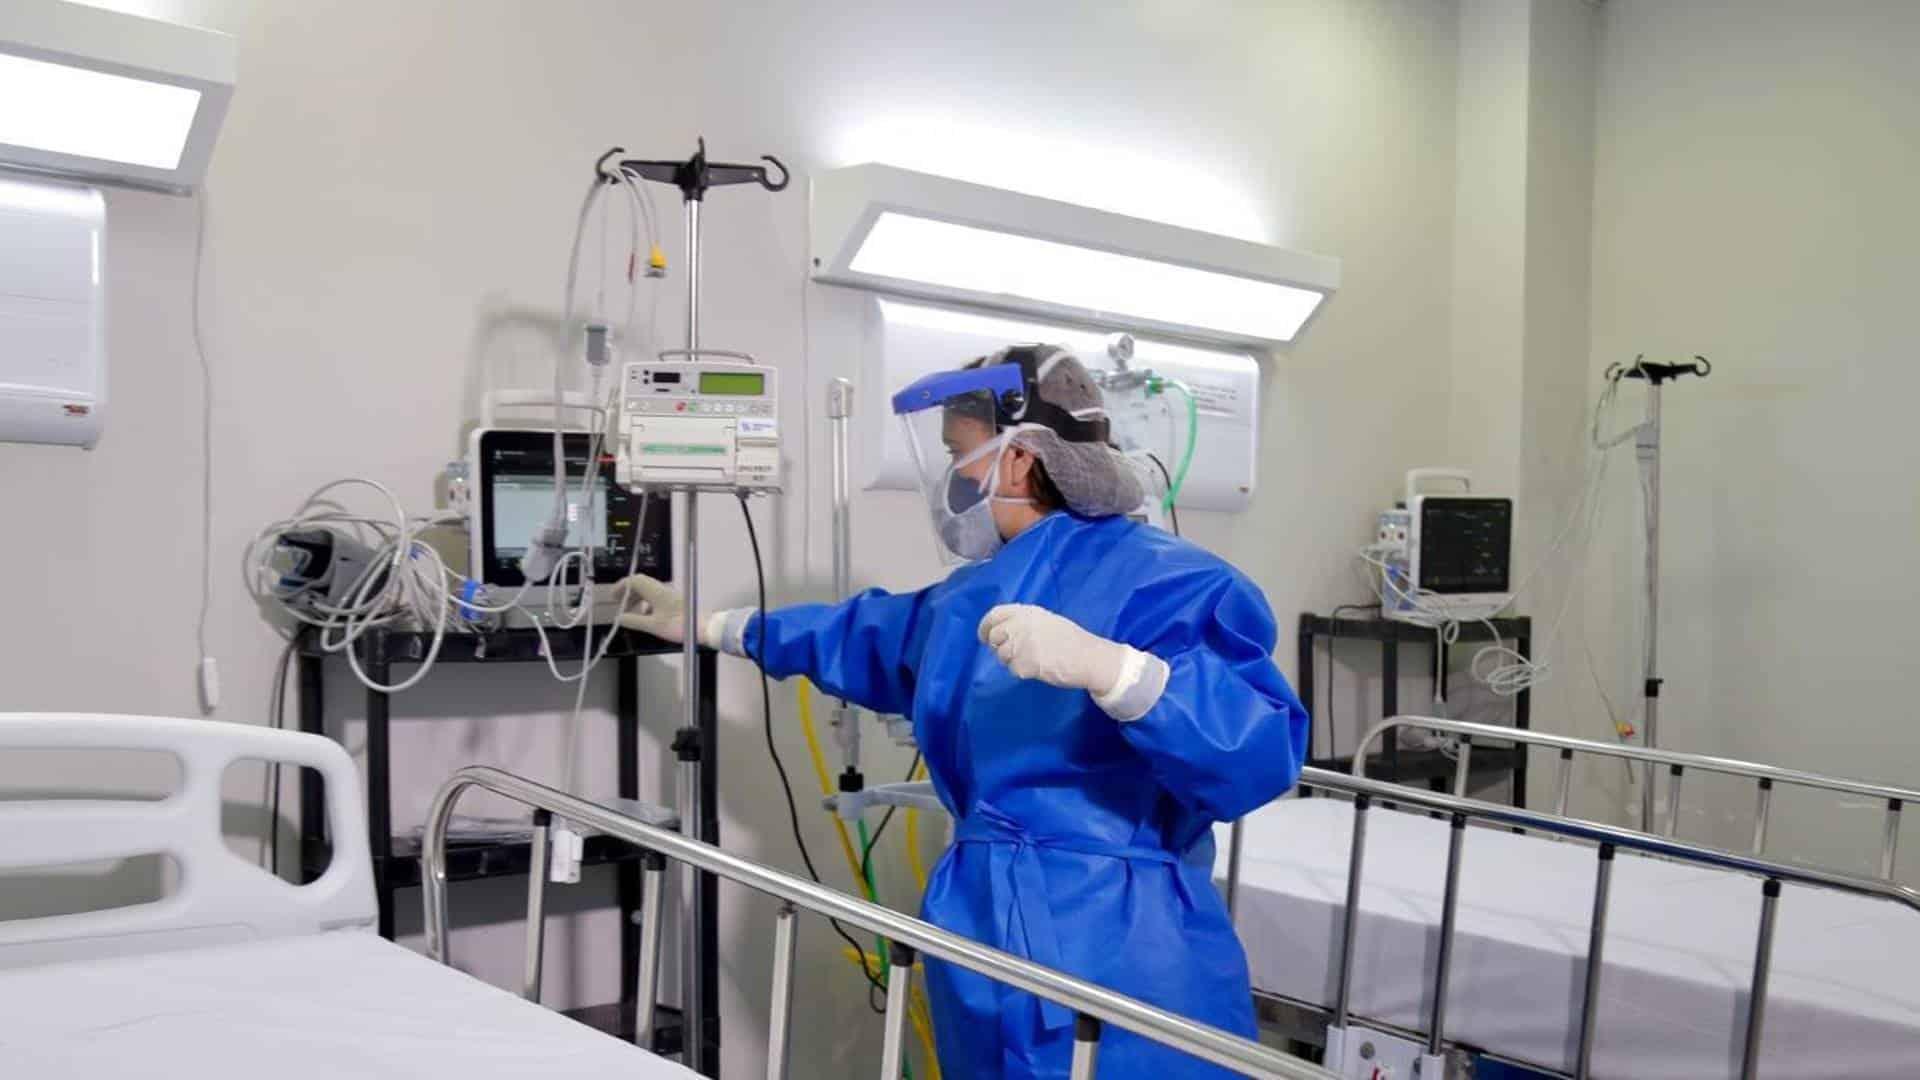 Coronavírus: Brasil tem quase 11 milhões de casos e mais de 264 mil mortes